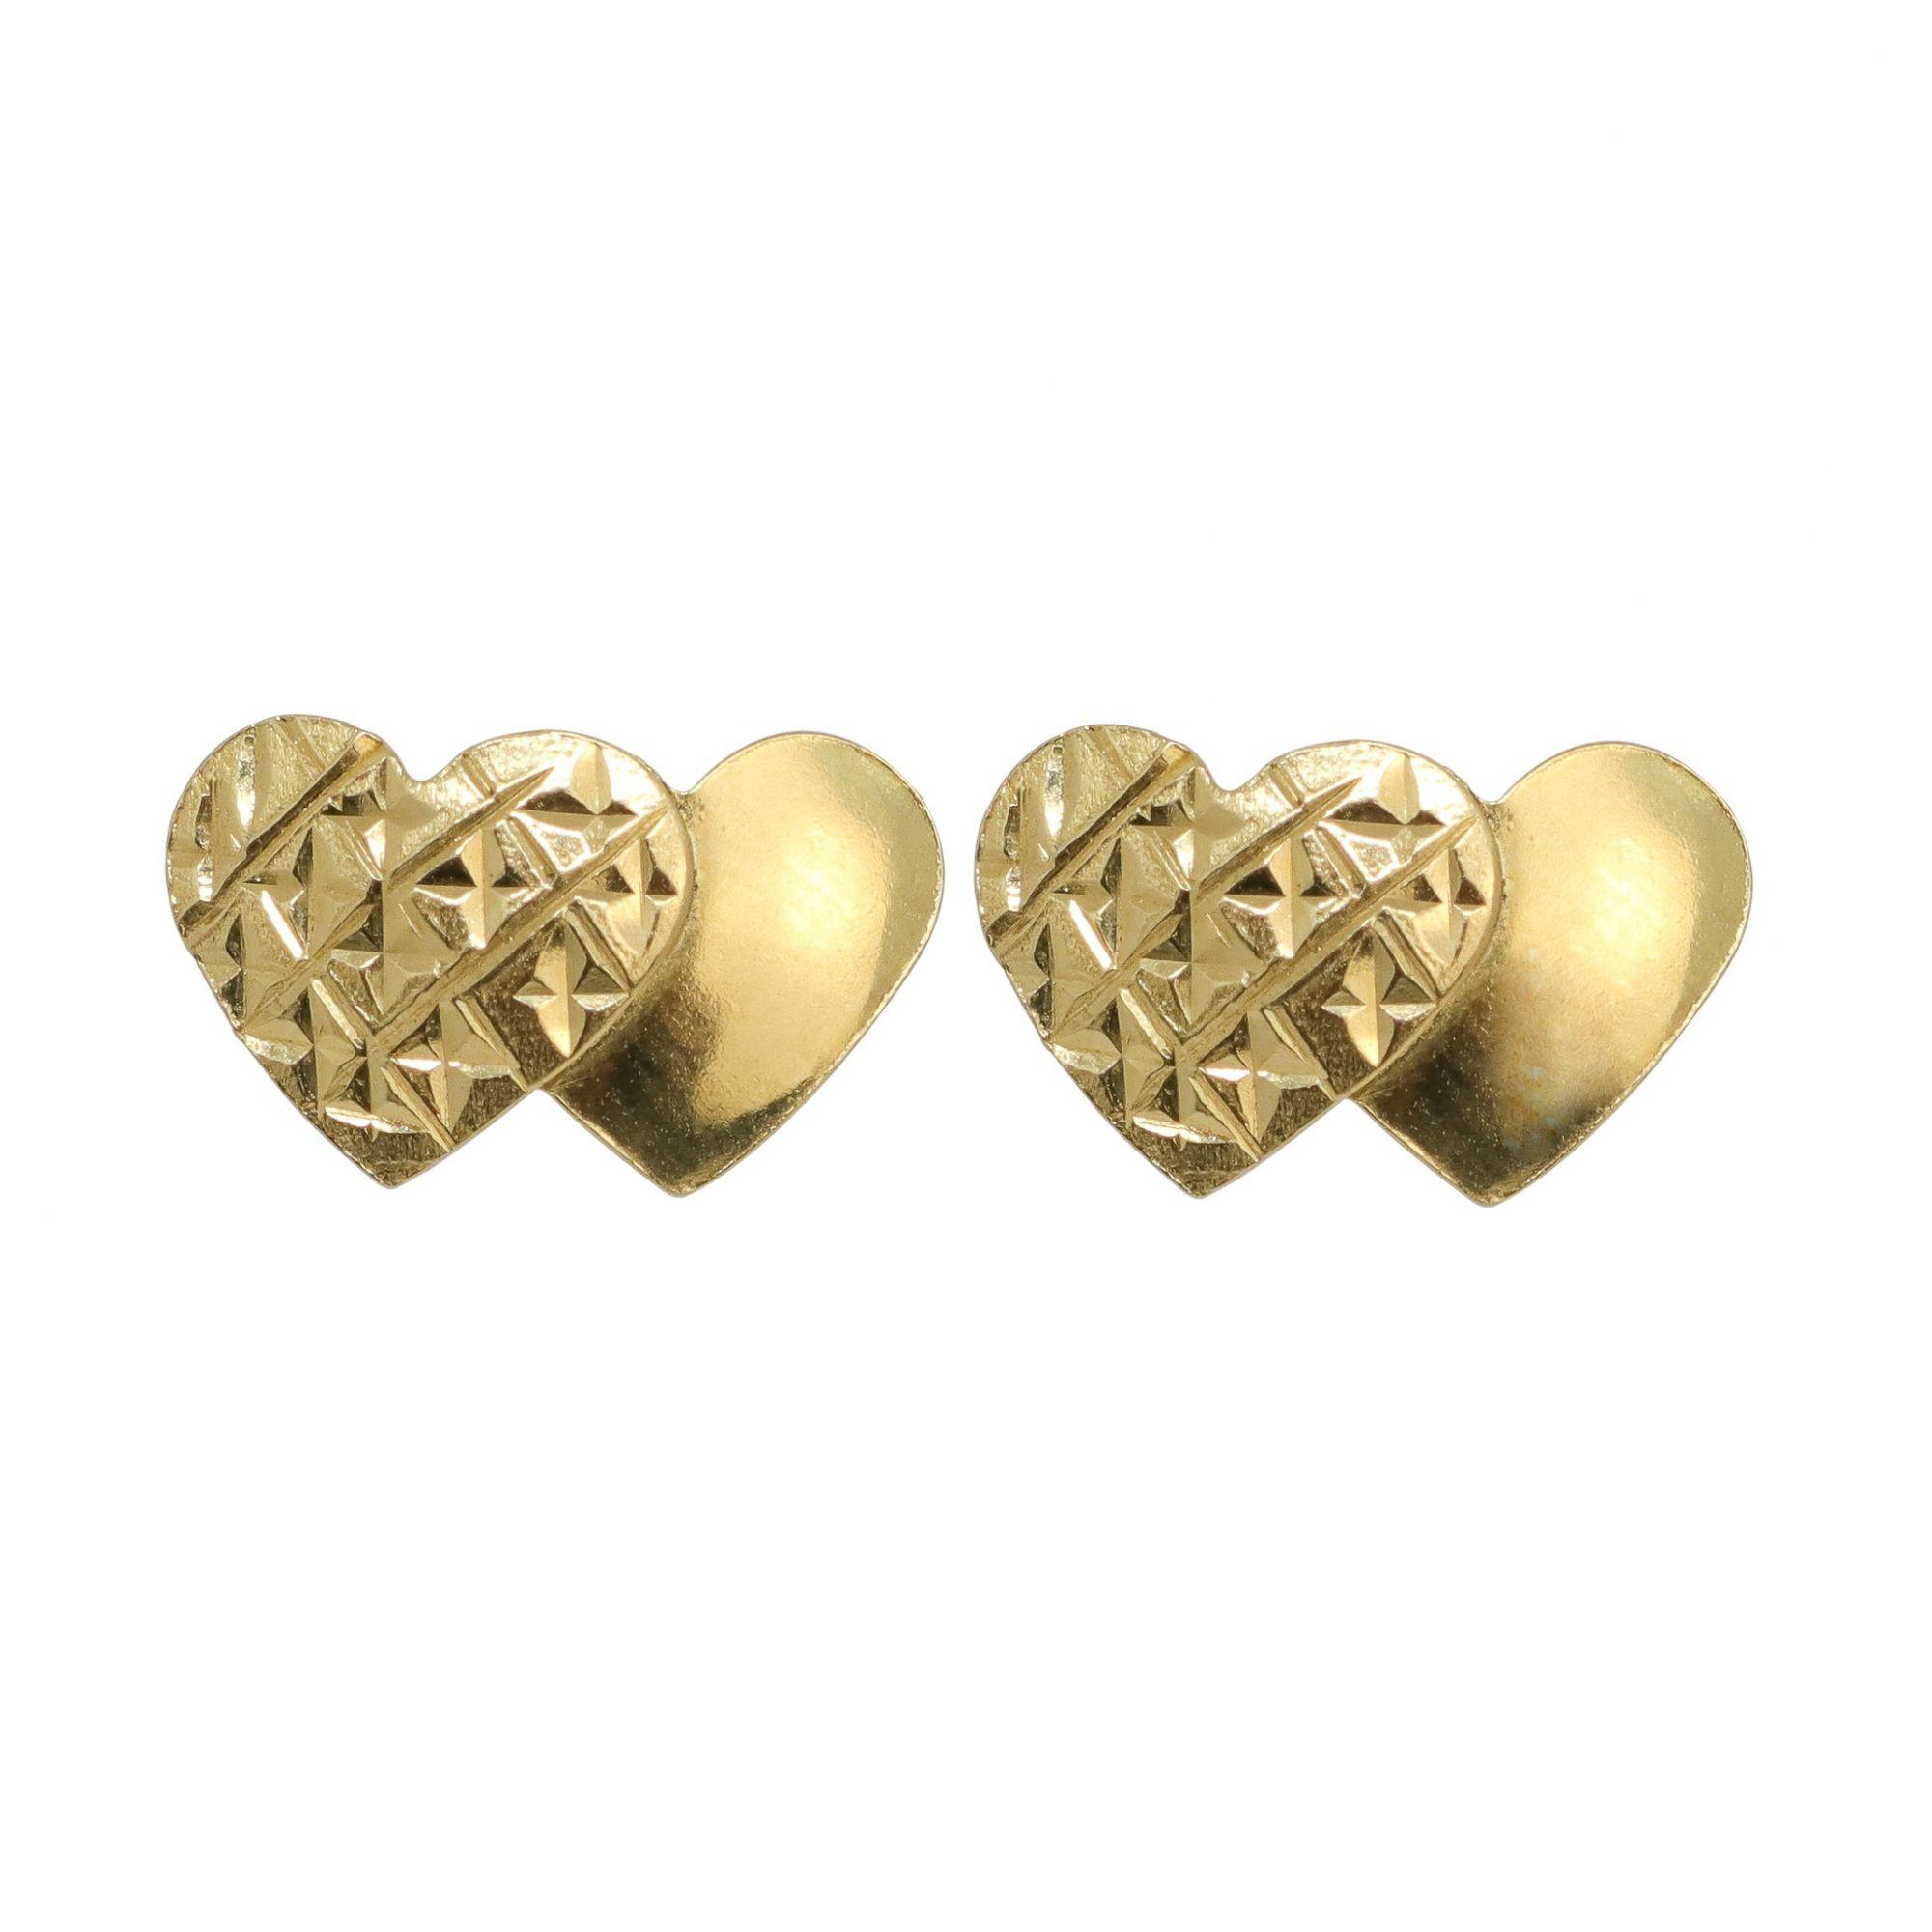 Brinco ouro 18k coração duplo trabalhado